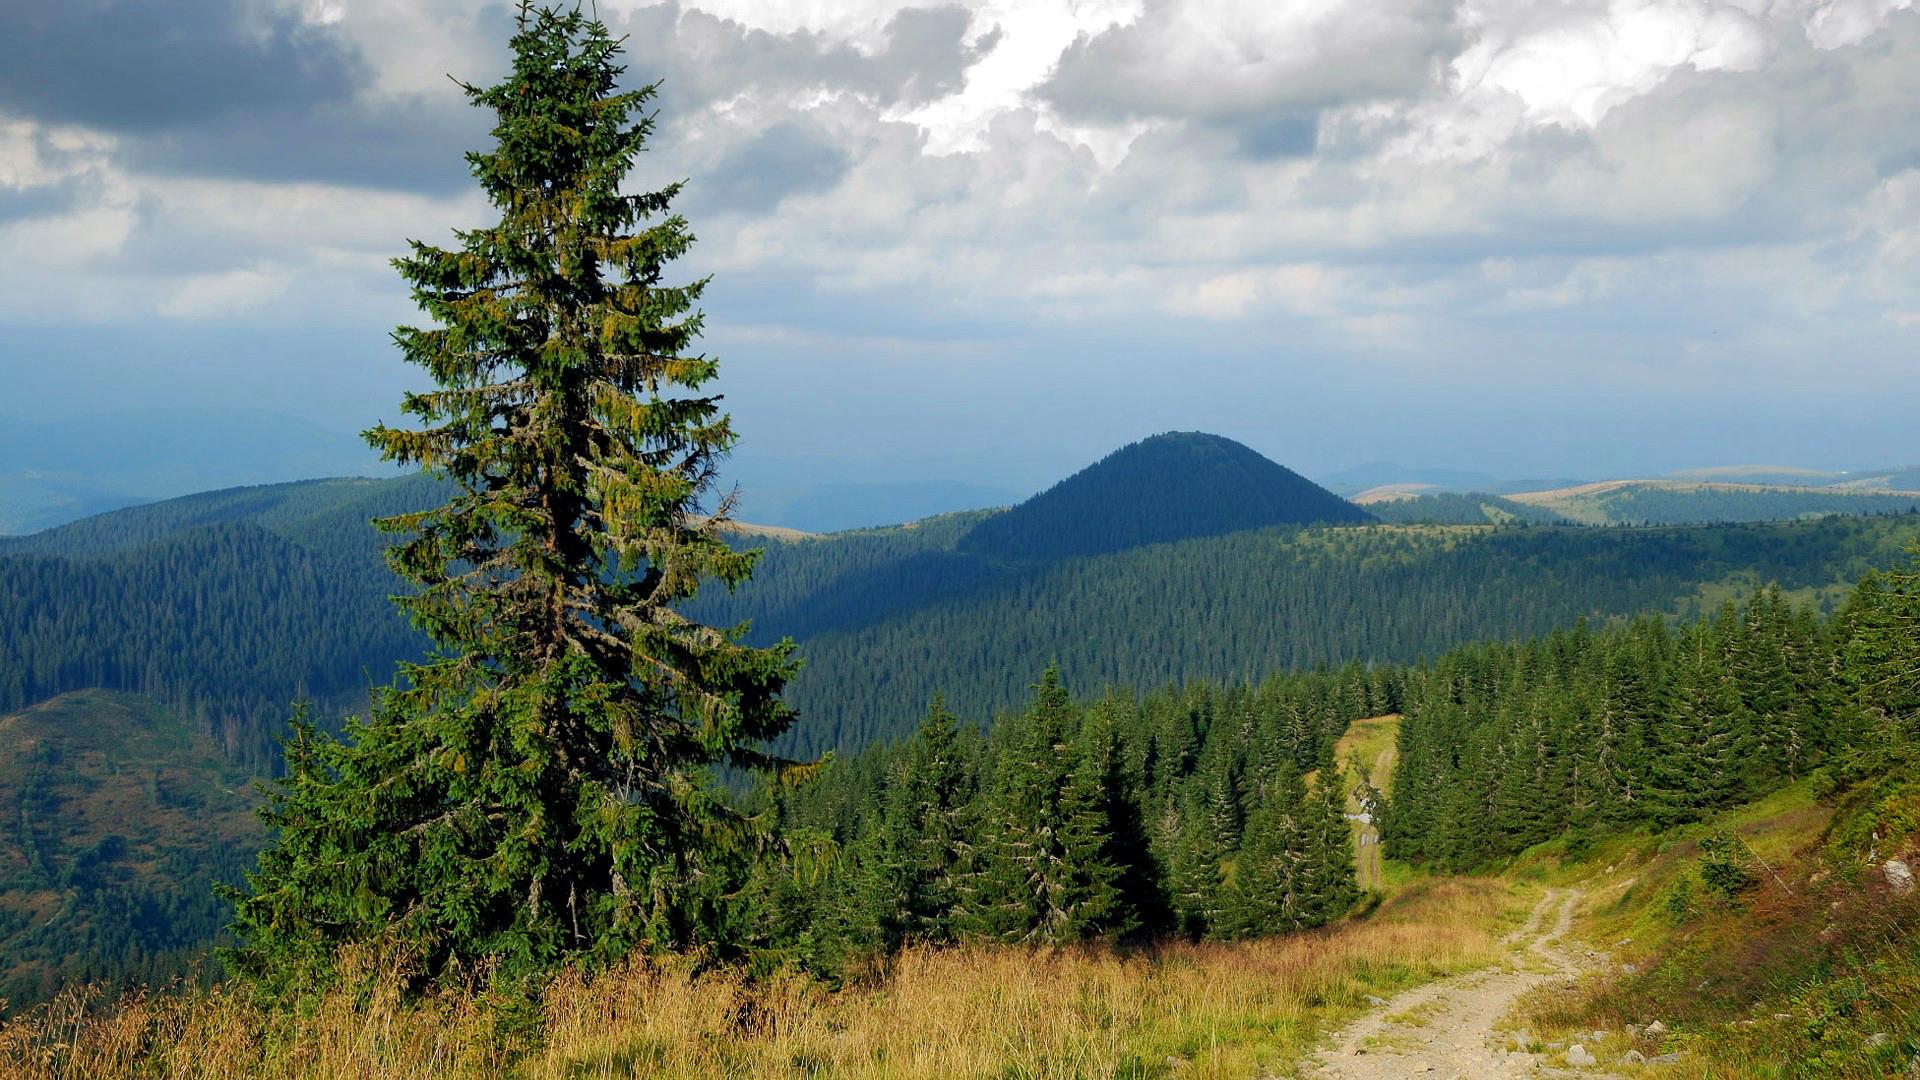 природа лес деревья ели гора облака небо  № 2757522 загрузить